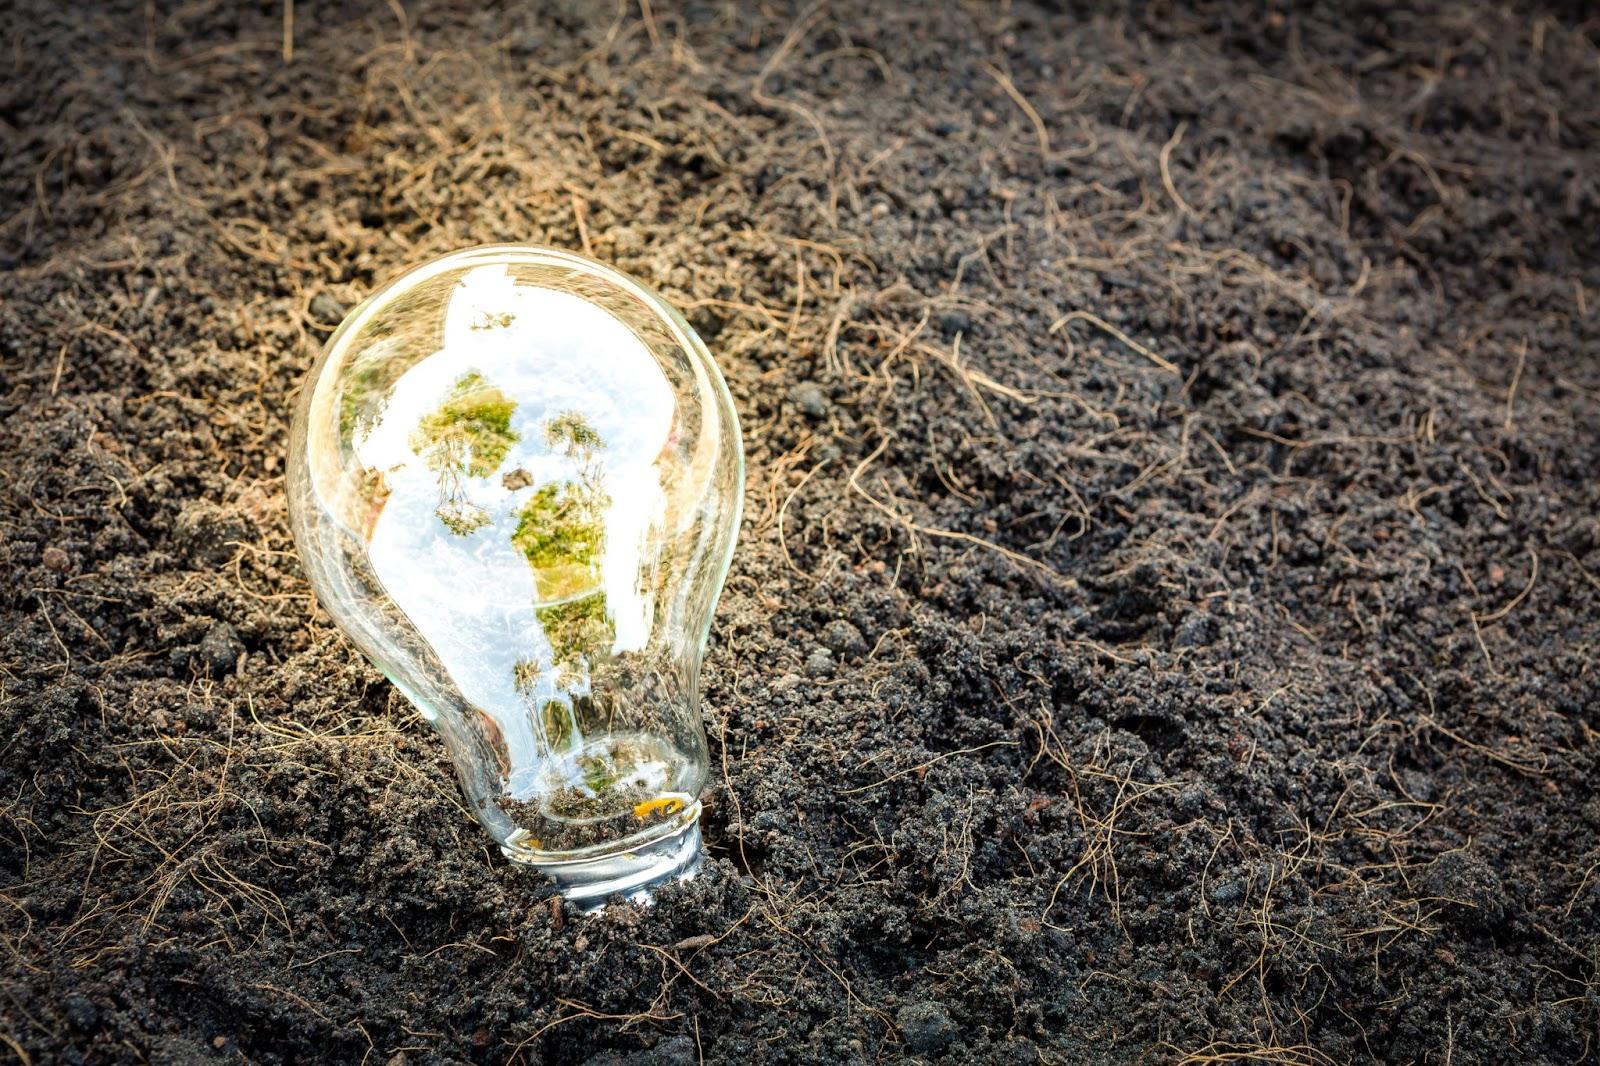 Uma lâmpada acesa deitada no chão de terra, ilustrando a economia circular